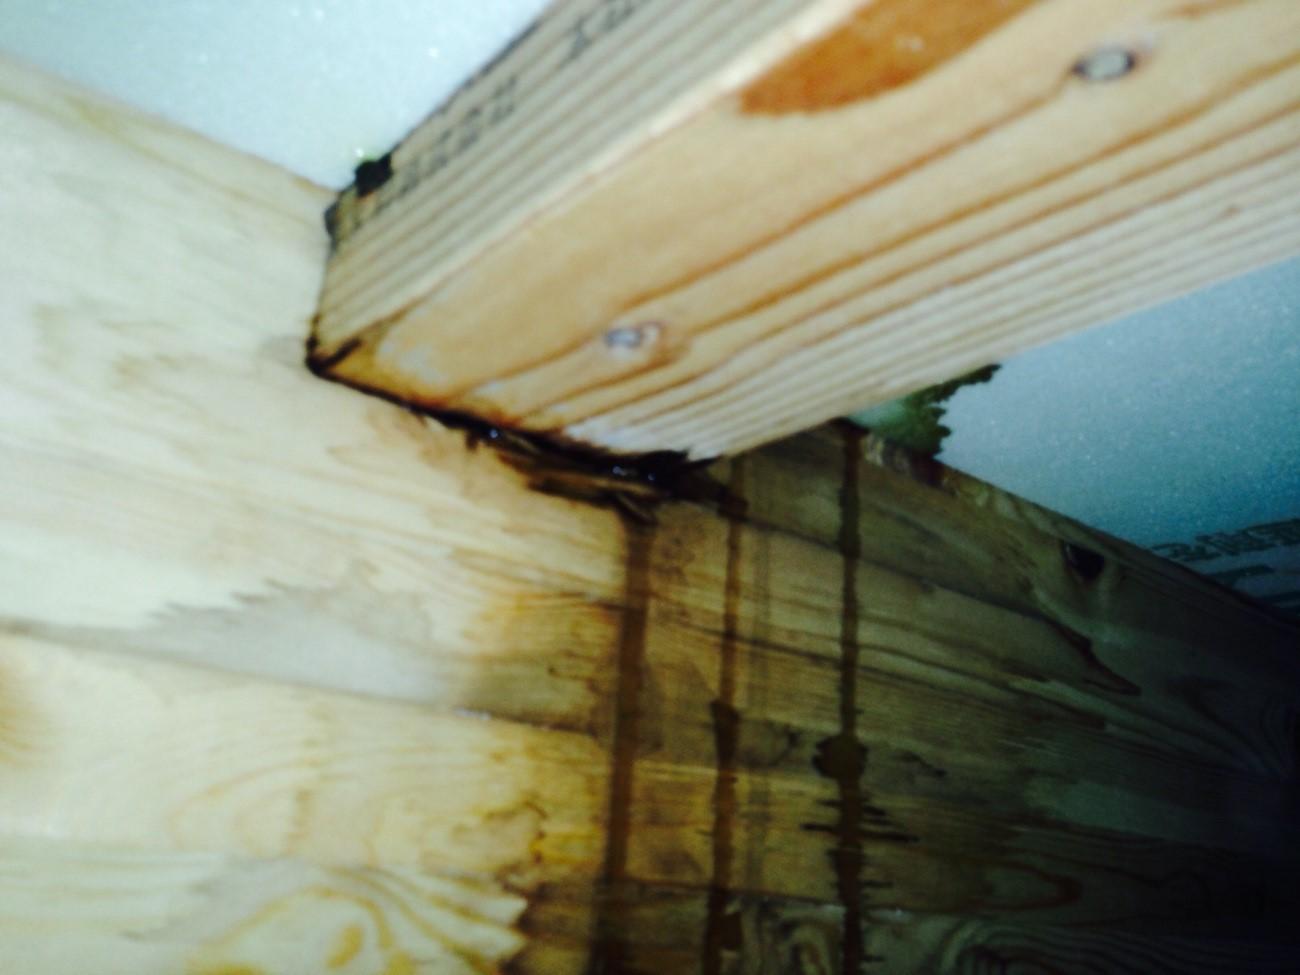 劣化を放置すると雨漏りのリスクが高まる